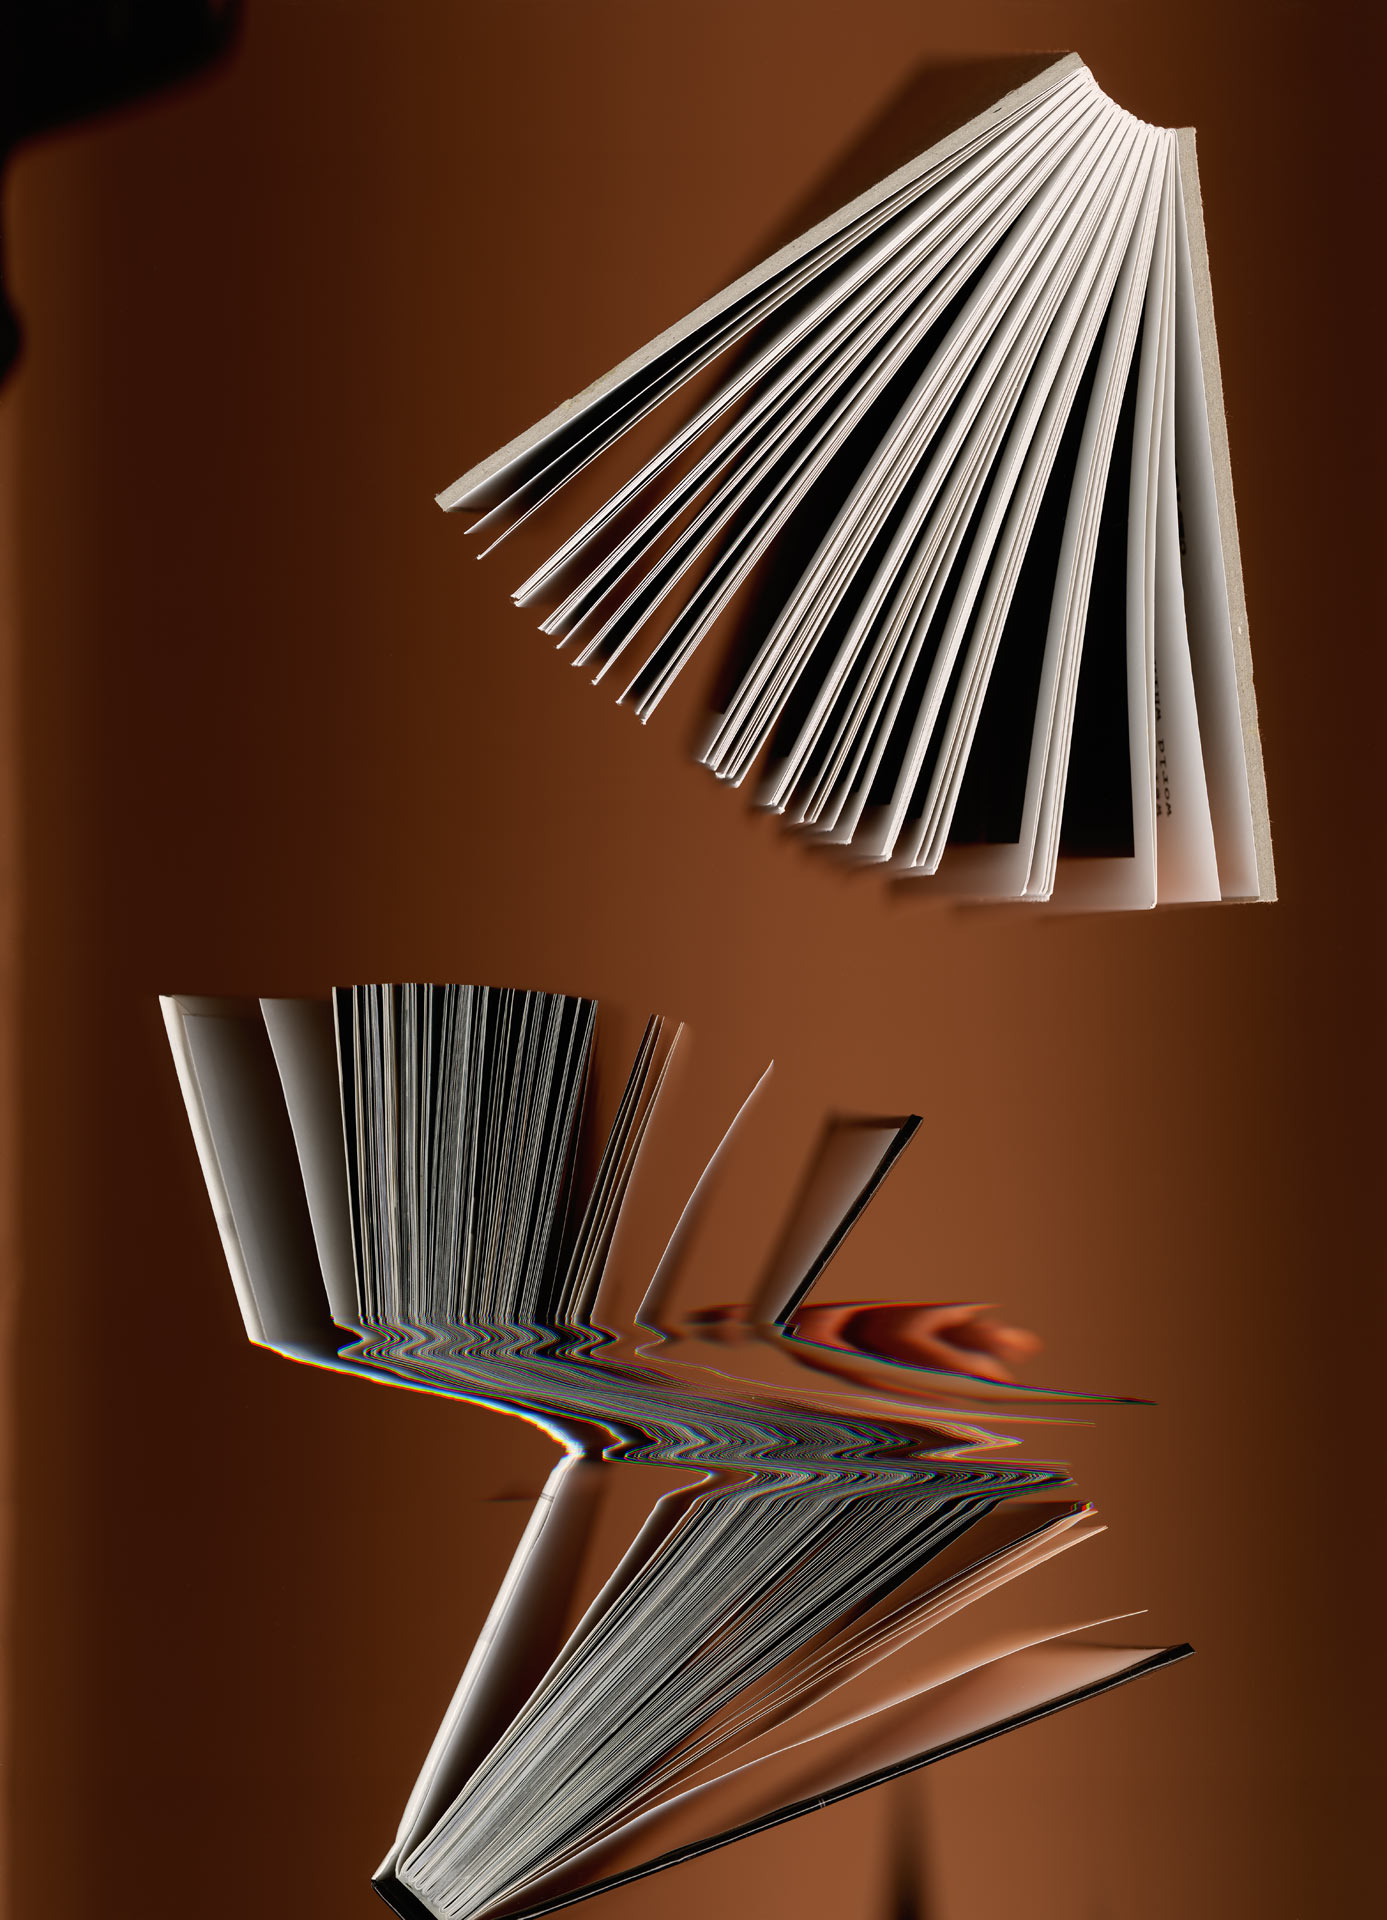 03_Buch-10